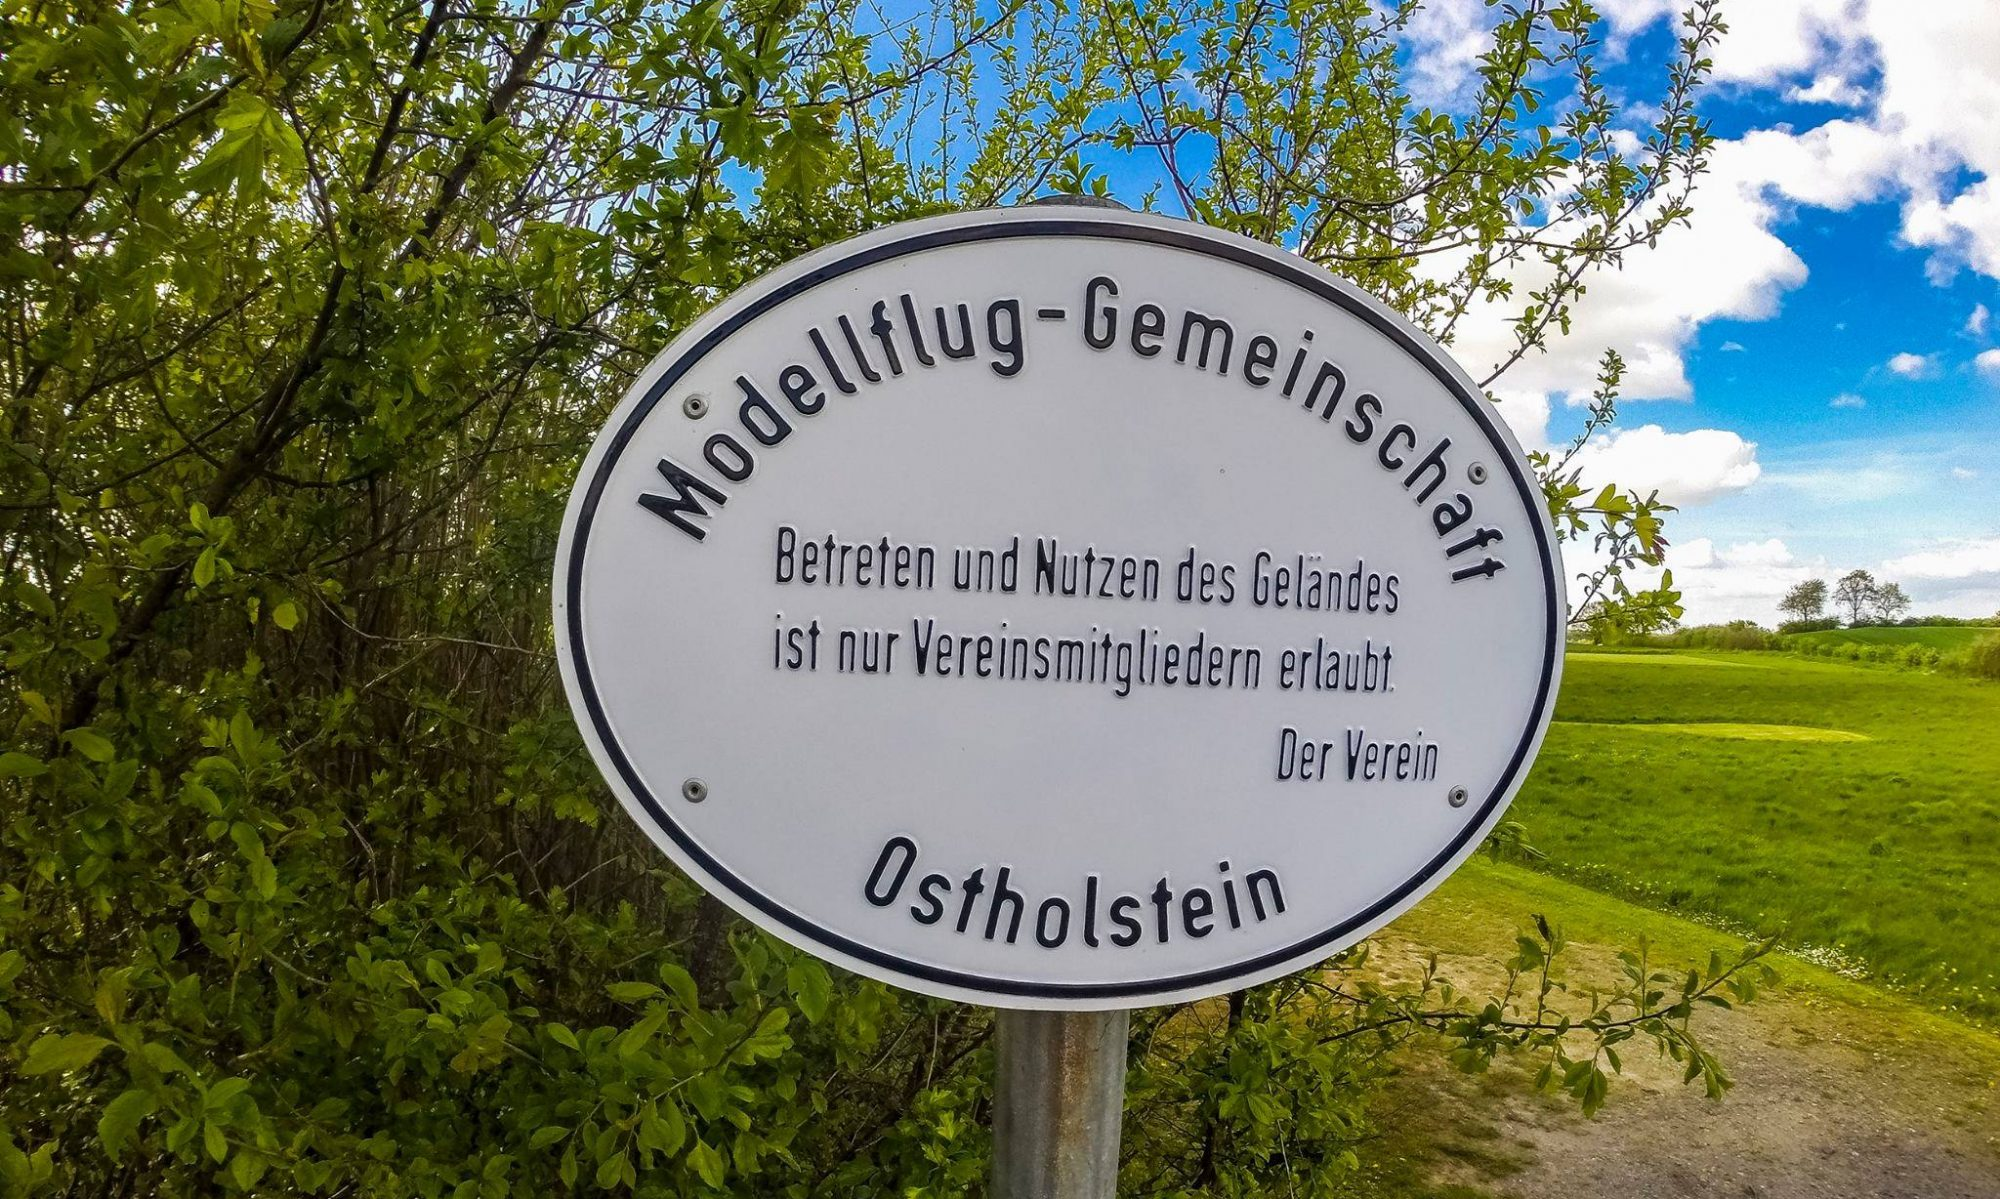 Modellfluggemeinschaft Ostholstein